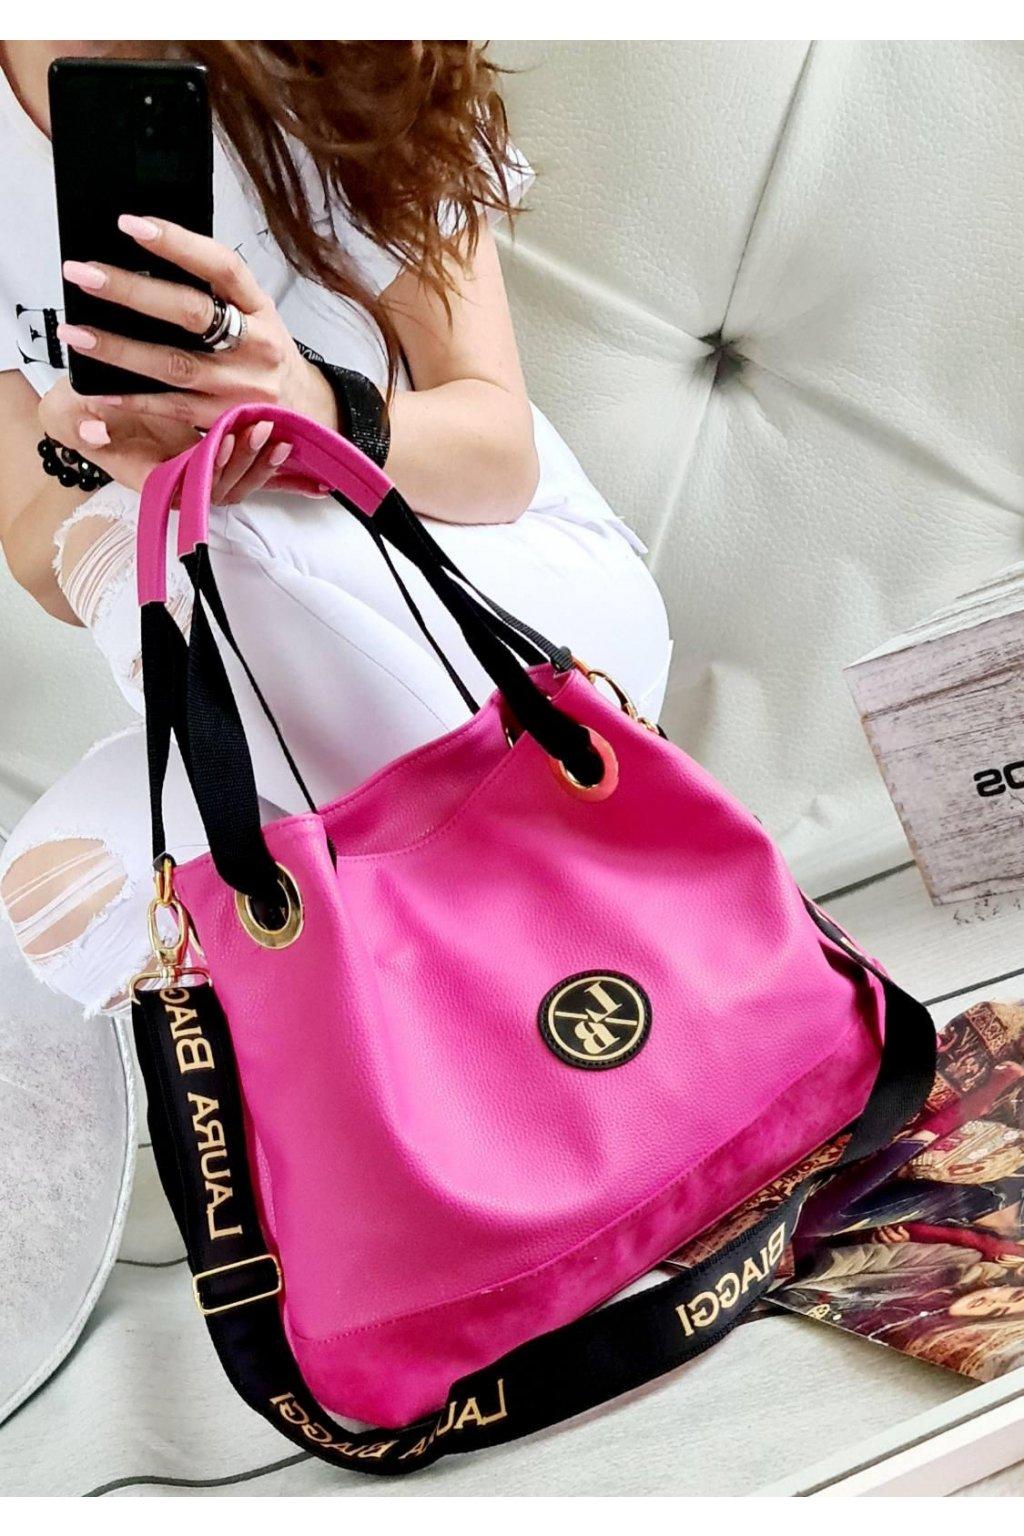 TORRYS růžová pink eko kůže kabelka trendy laura biaggi luxusní značková kabelka